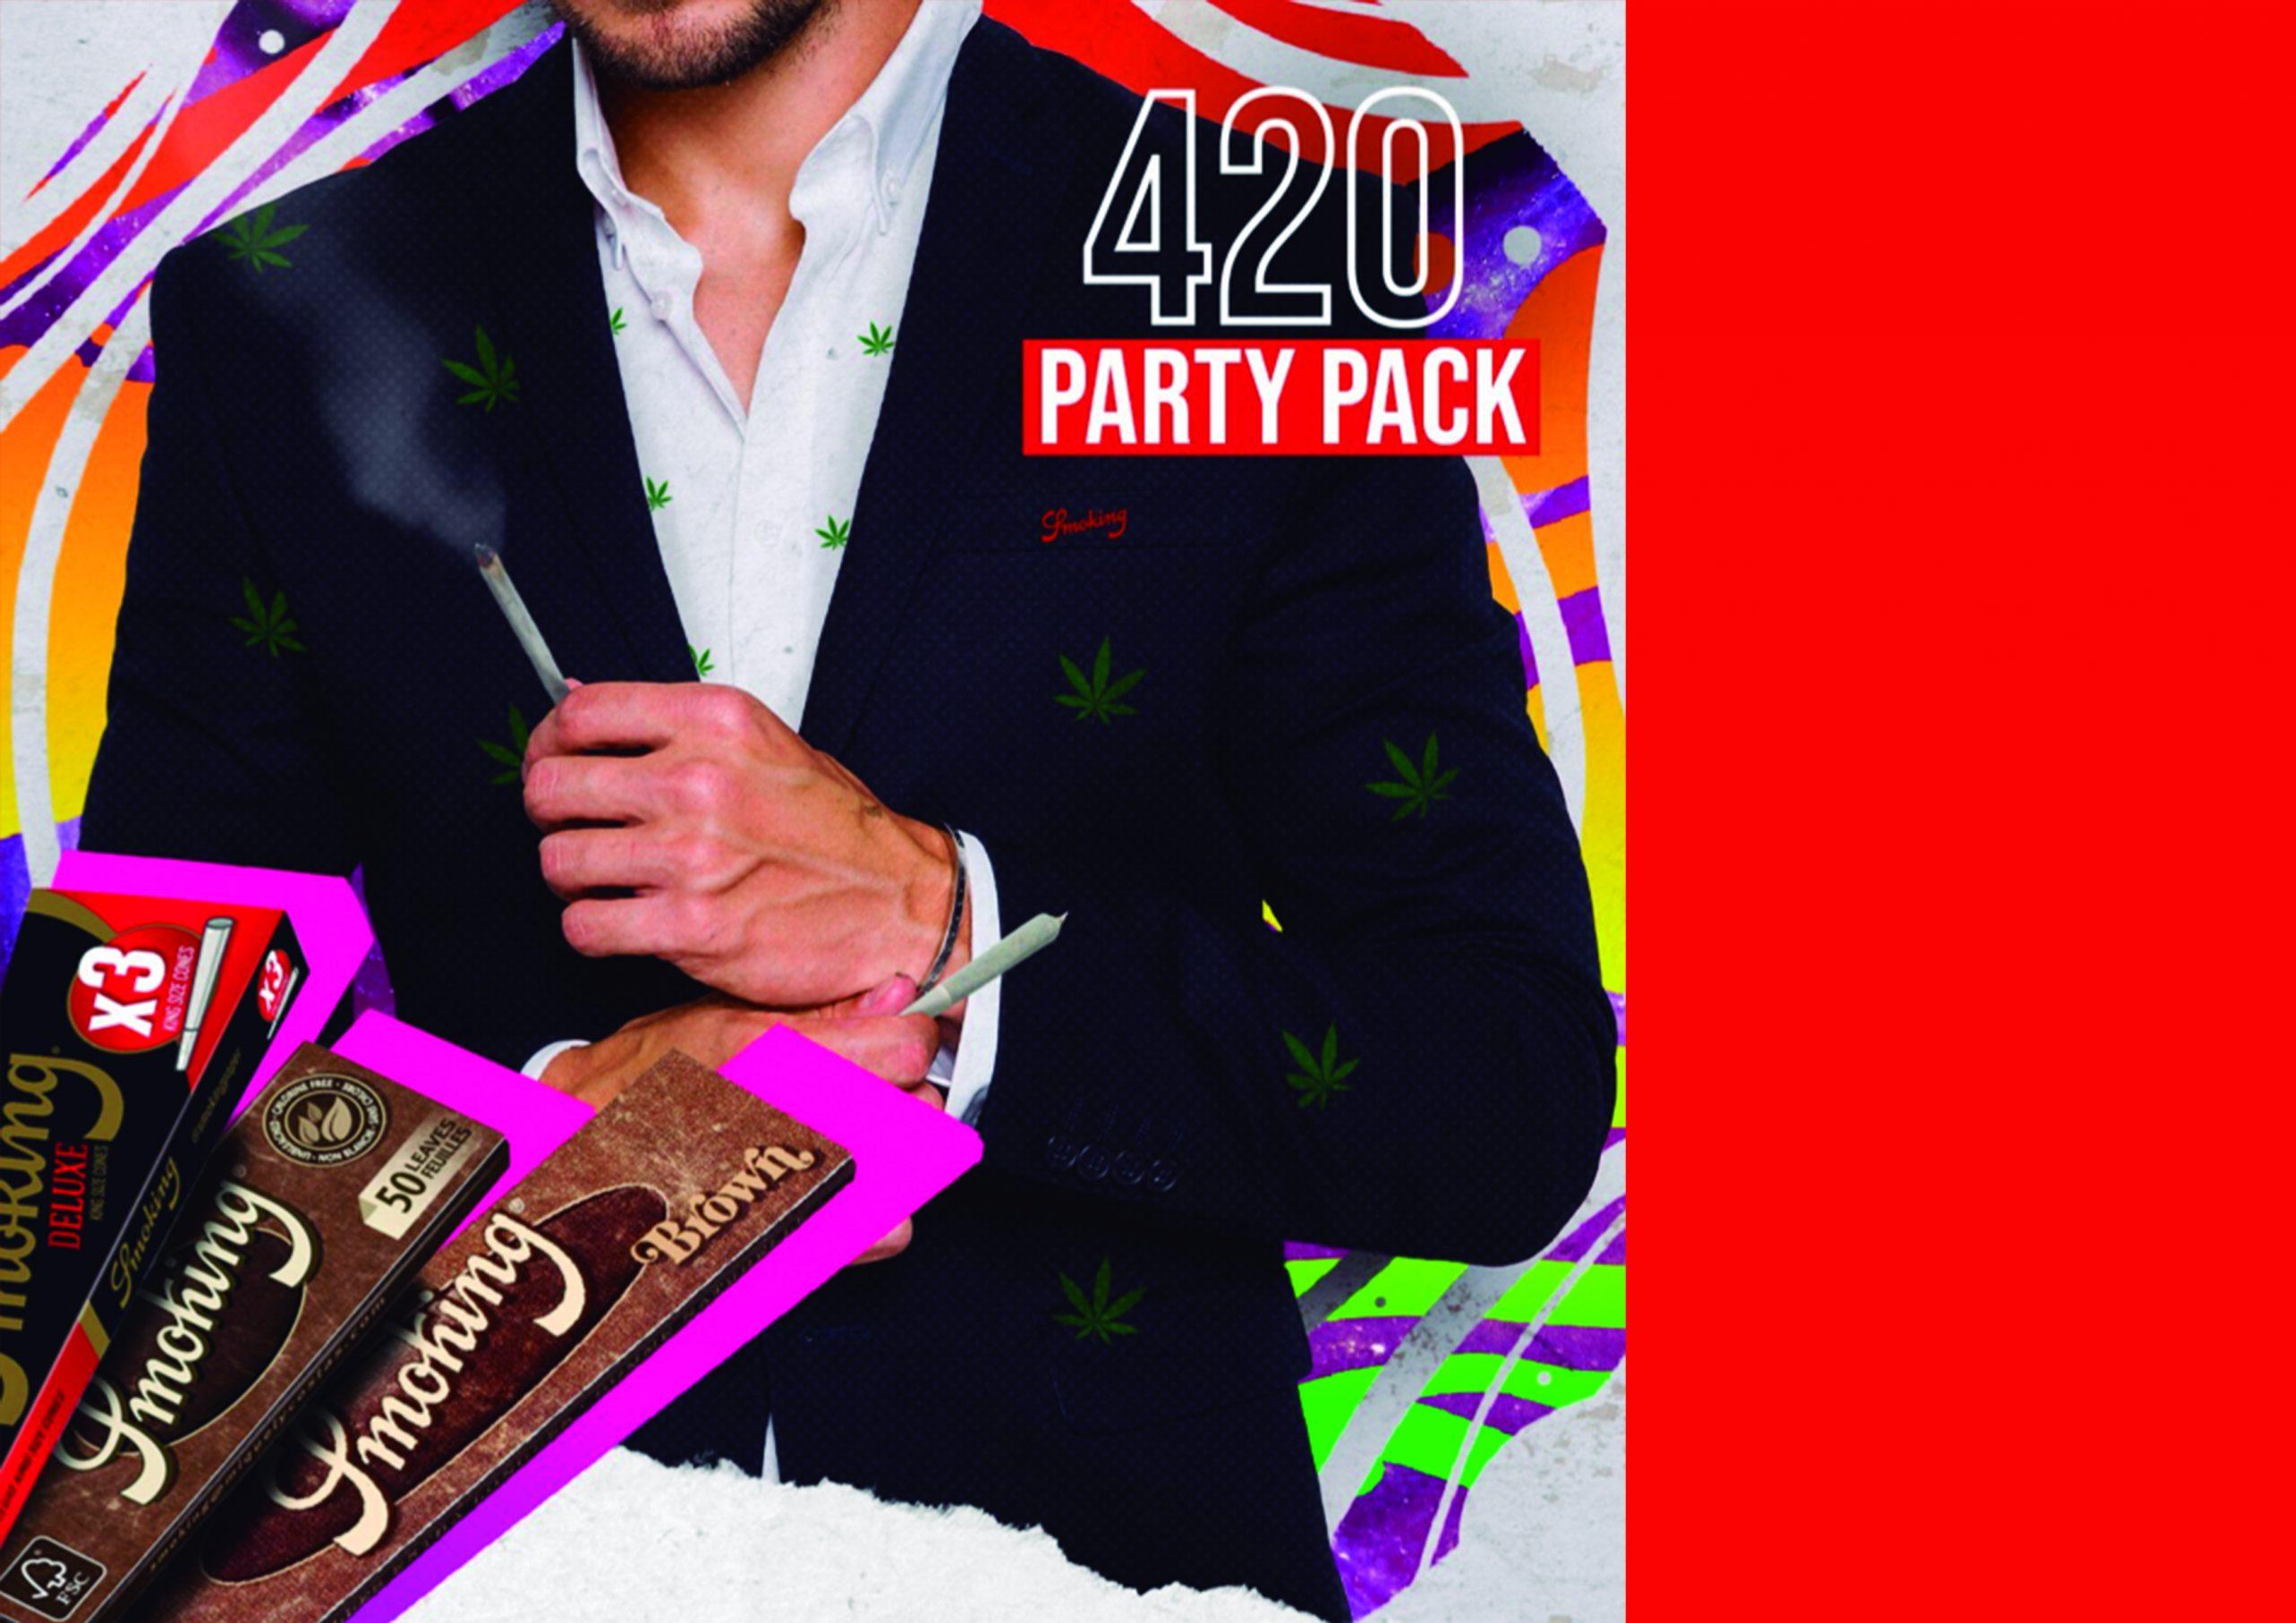 420 Party Pack: Die besten Produkte zum Feiern von 420